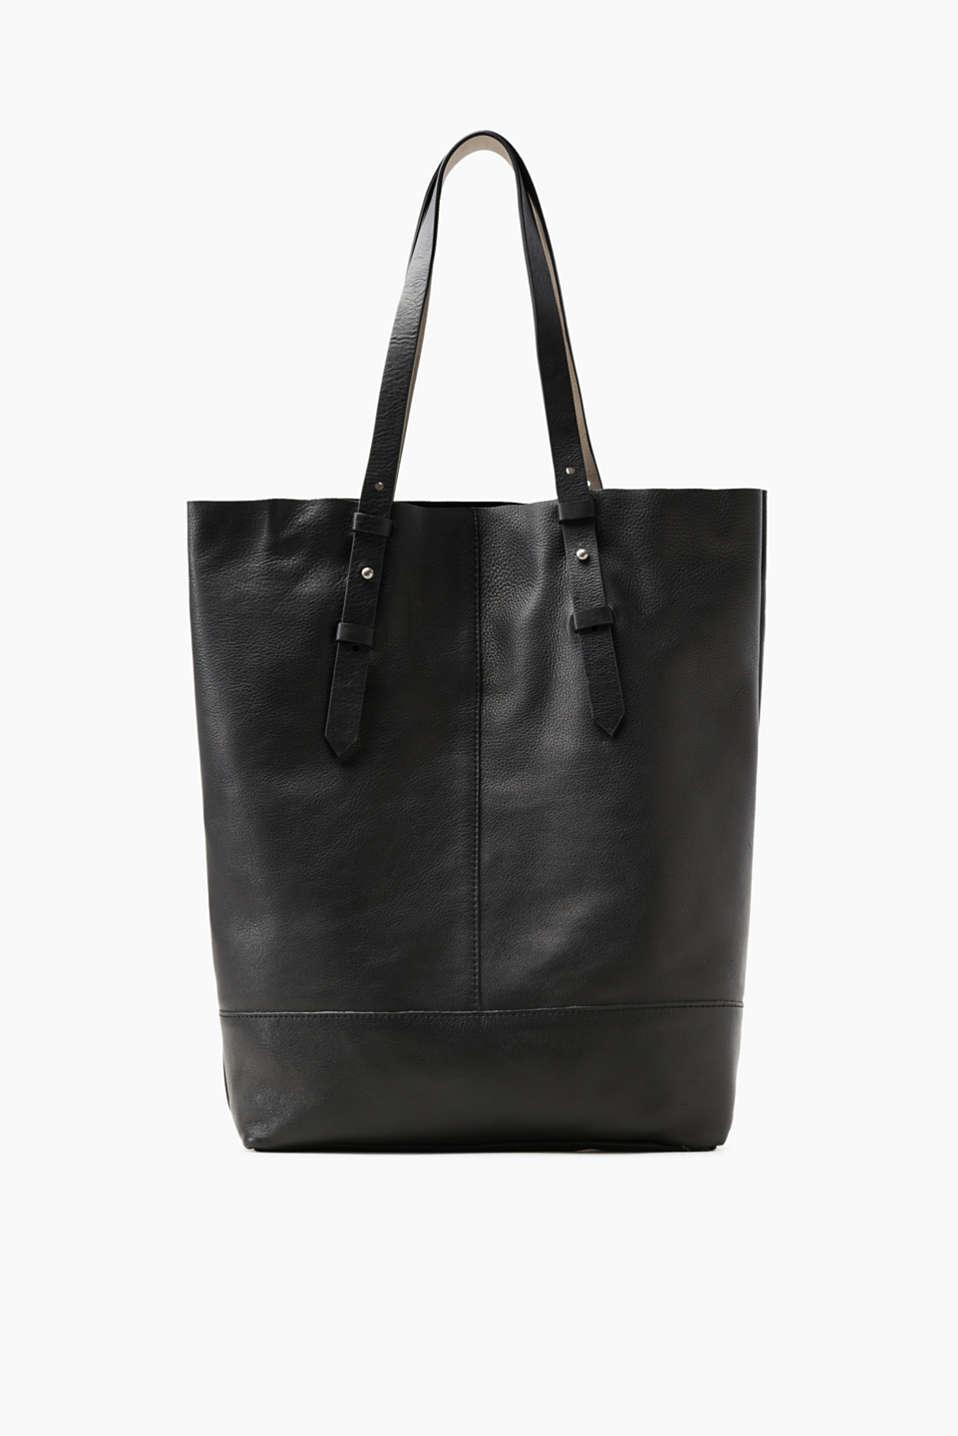 esprit zeitlose tote bag aus leder im online shop kaufen. Black Bedroom Furniture Sets. Home Design Ideas